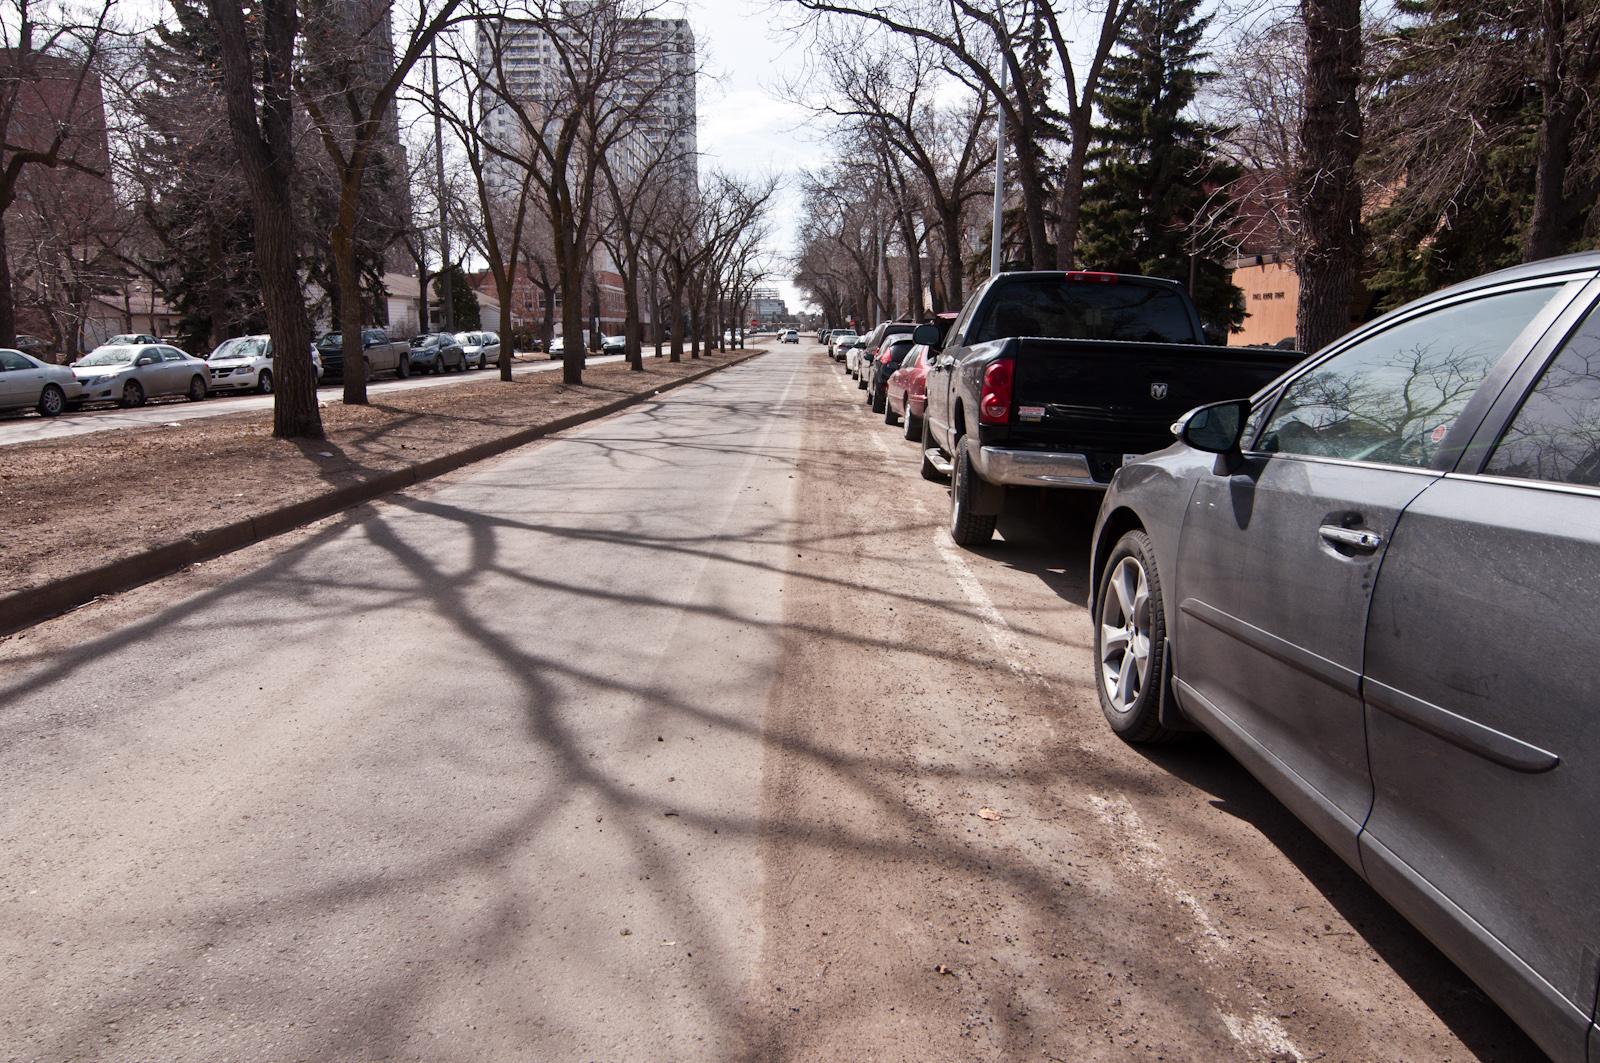 DSC_2117-sandy-bike-lane.jpg